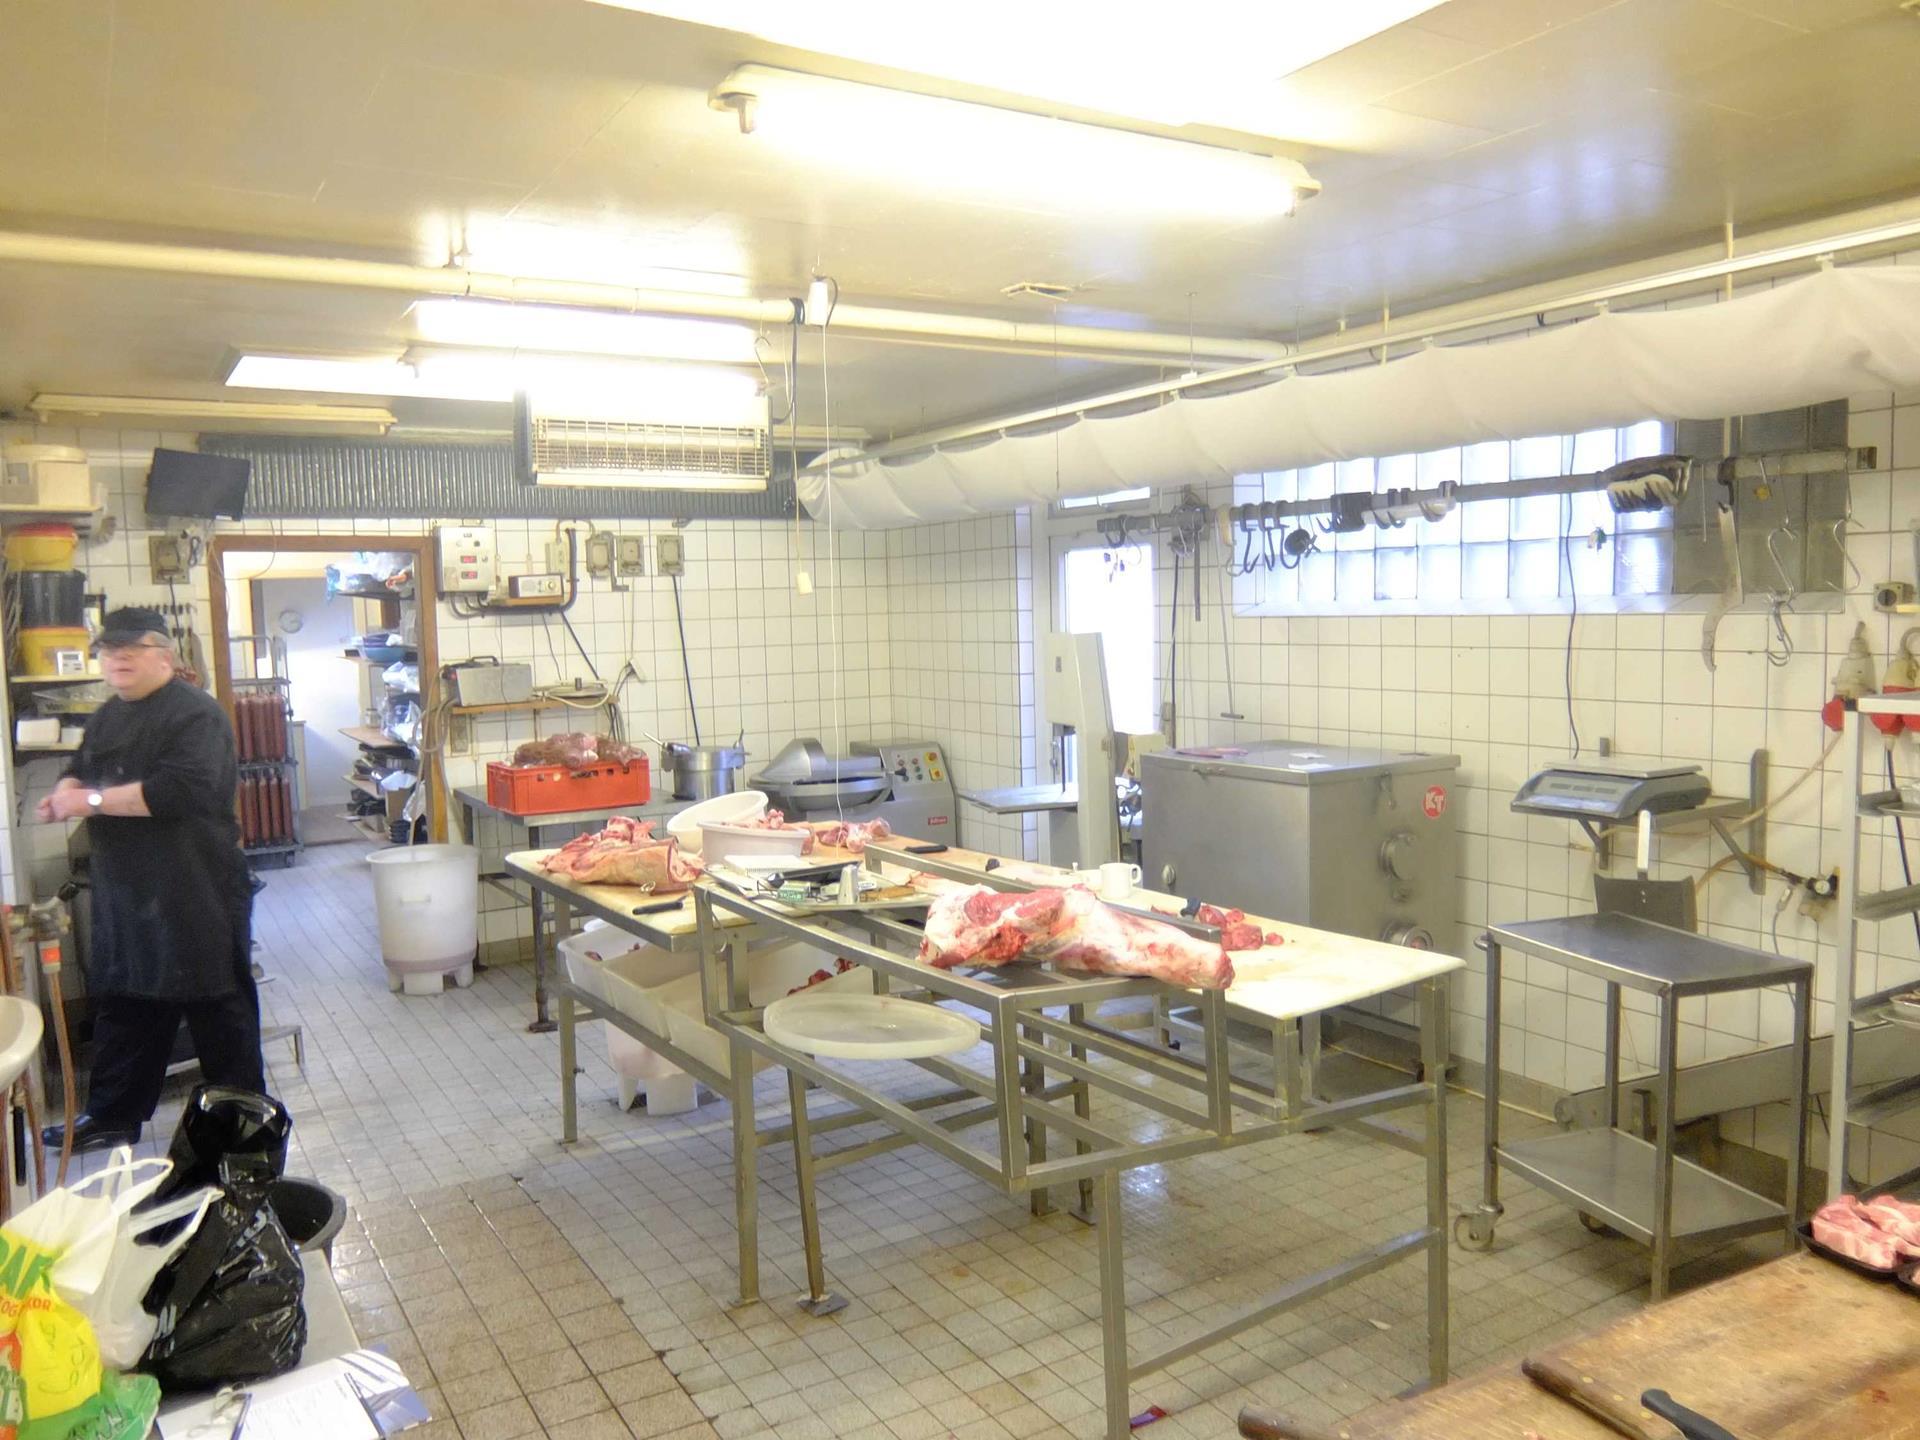 Bolig/erhverv på Østergade i Fjerritslev - Køkken